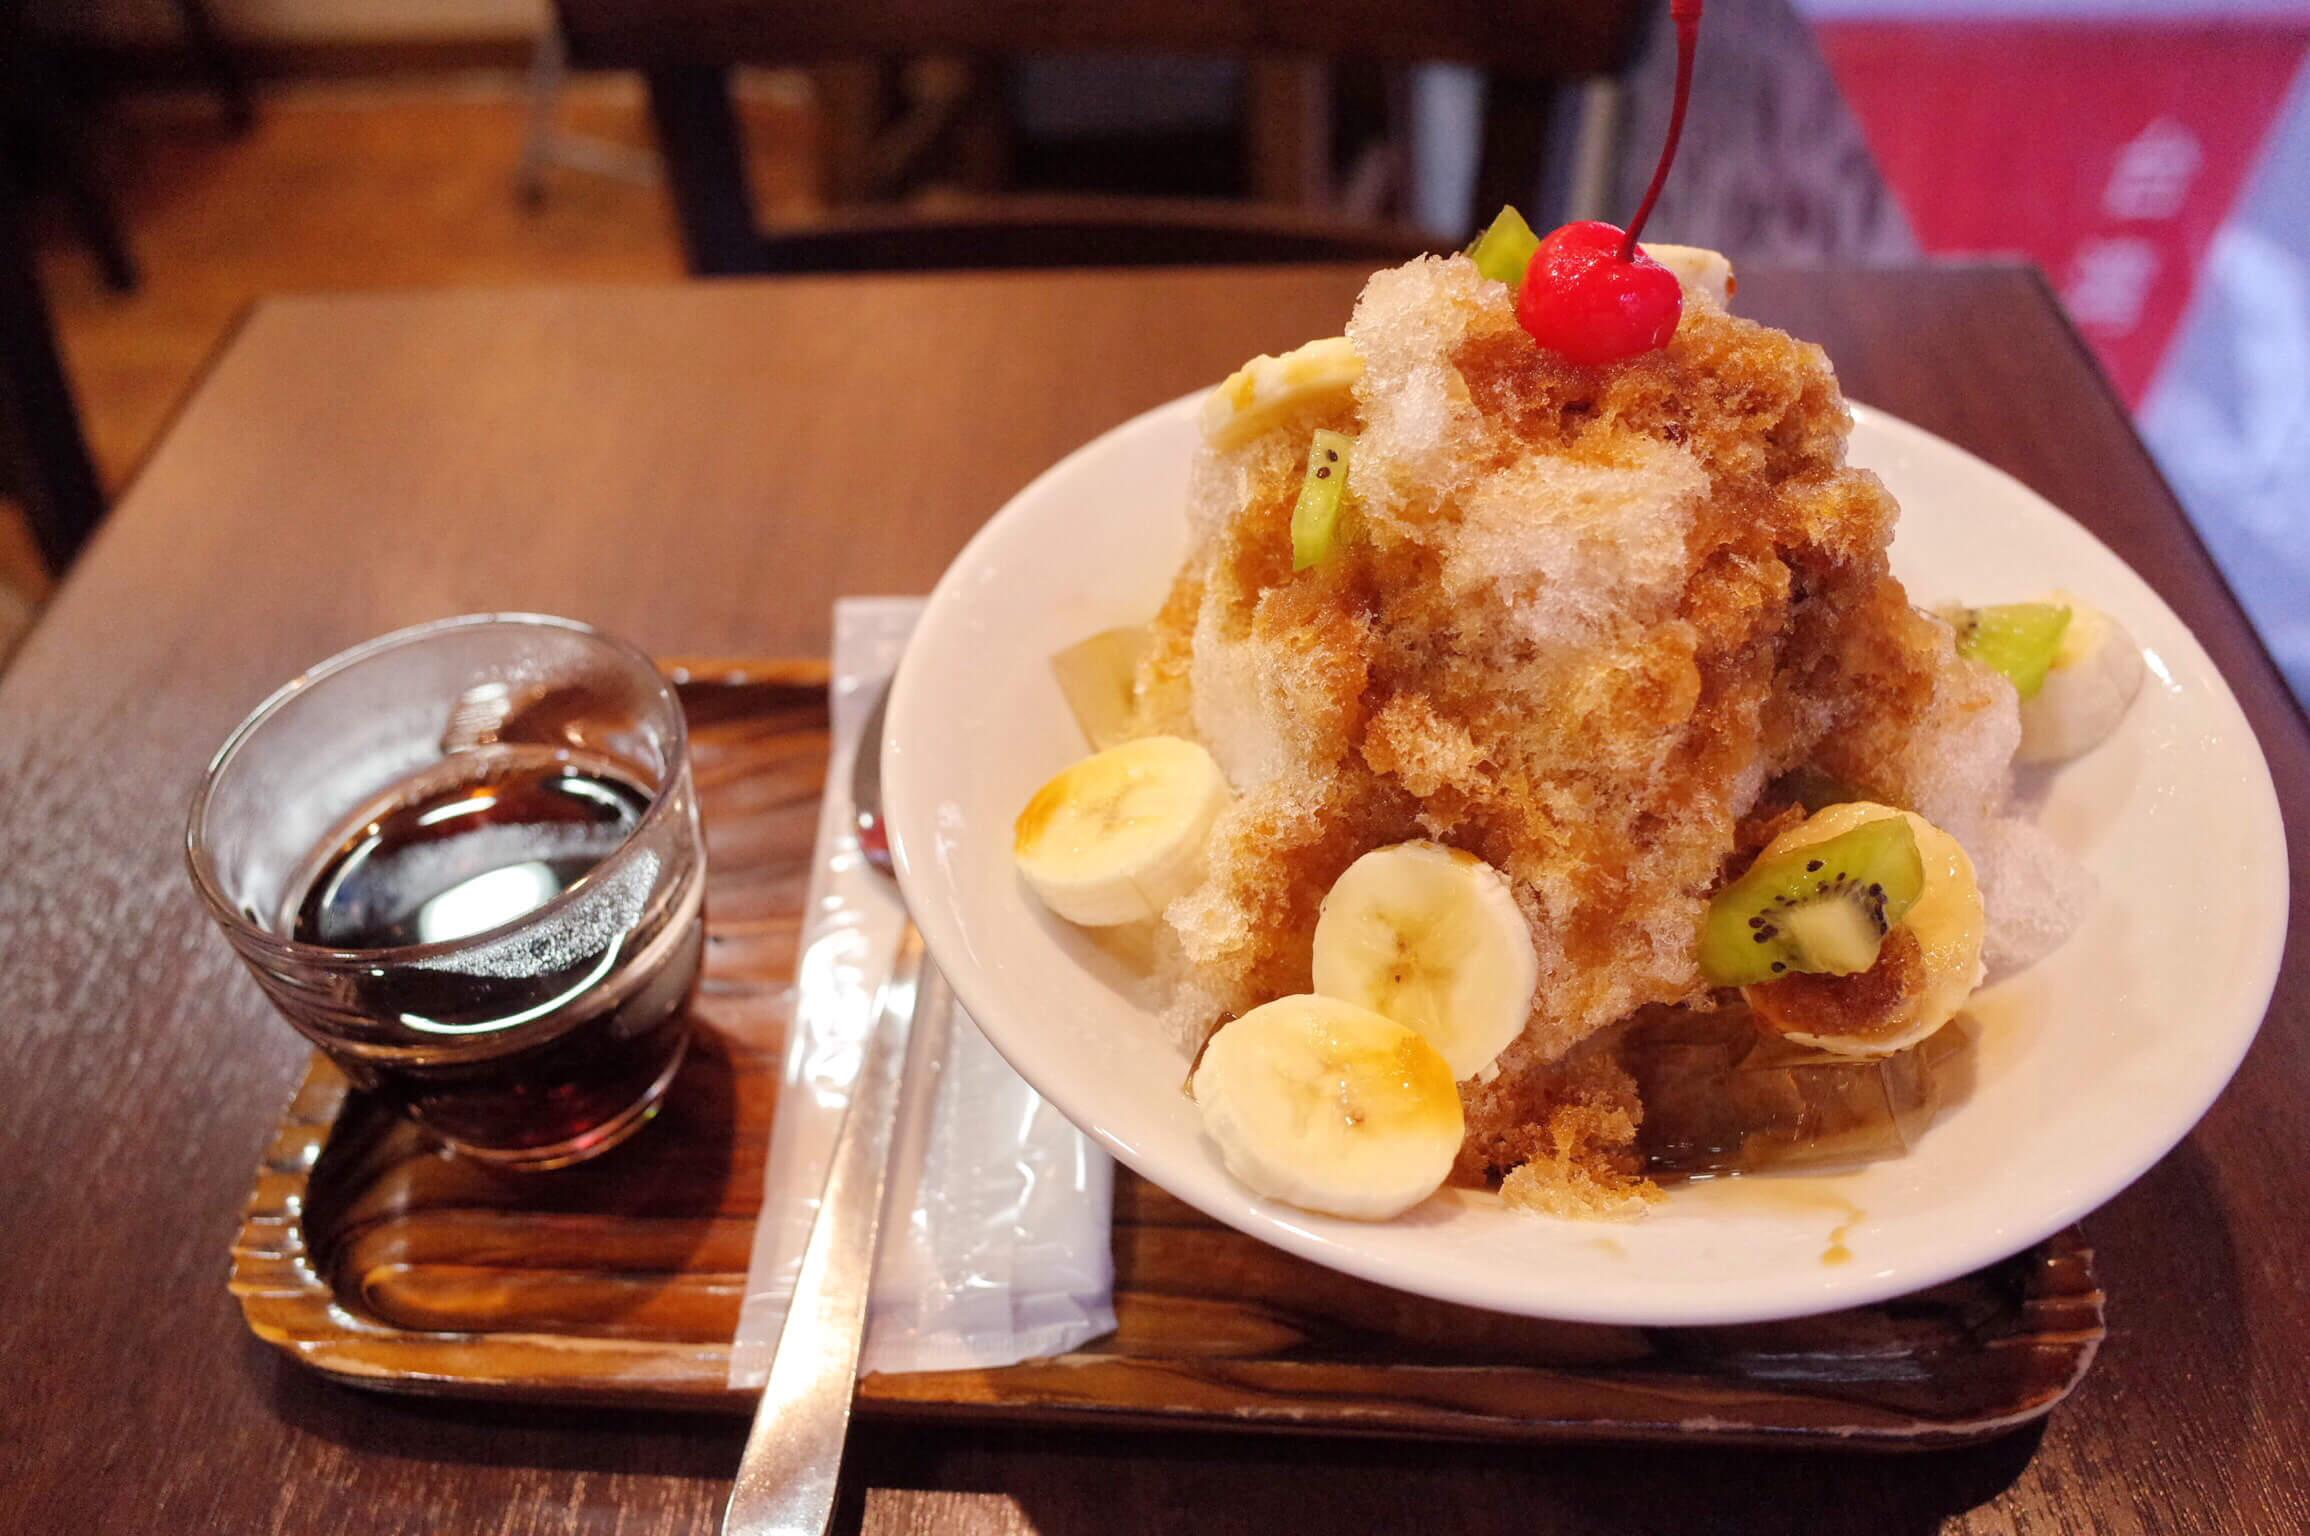 銀座 中国茶専門店「三徳堂」の台湾風かき氷が旨い!黒蜜たっぷりの「夏一蹴かき氷」を堪能